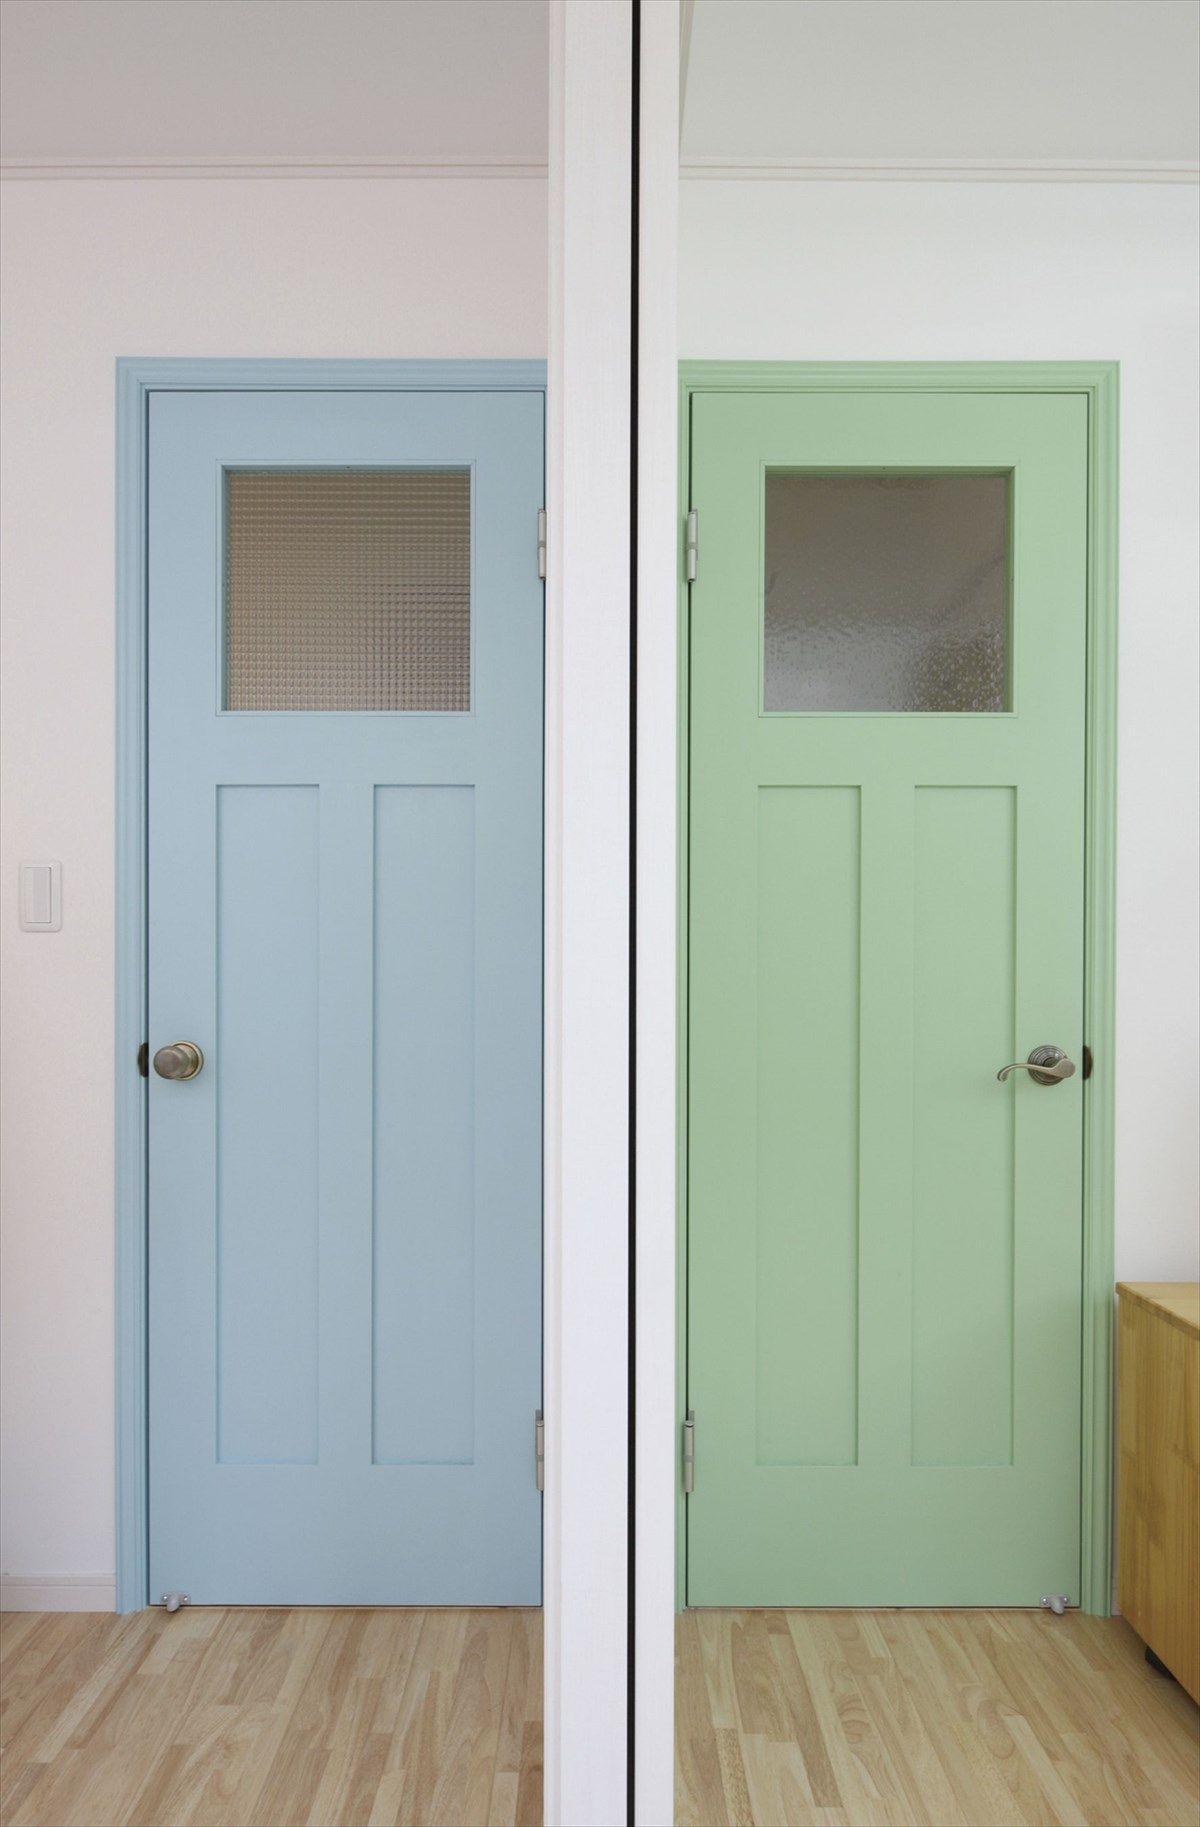 室内ドア 水色 グリーン ドア 造作ドア 扉 インテリア ナチュラル